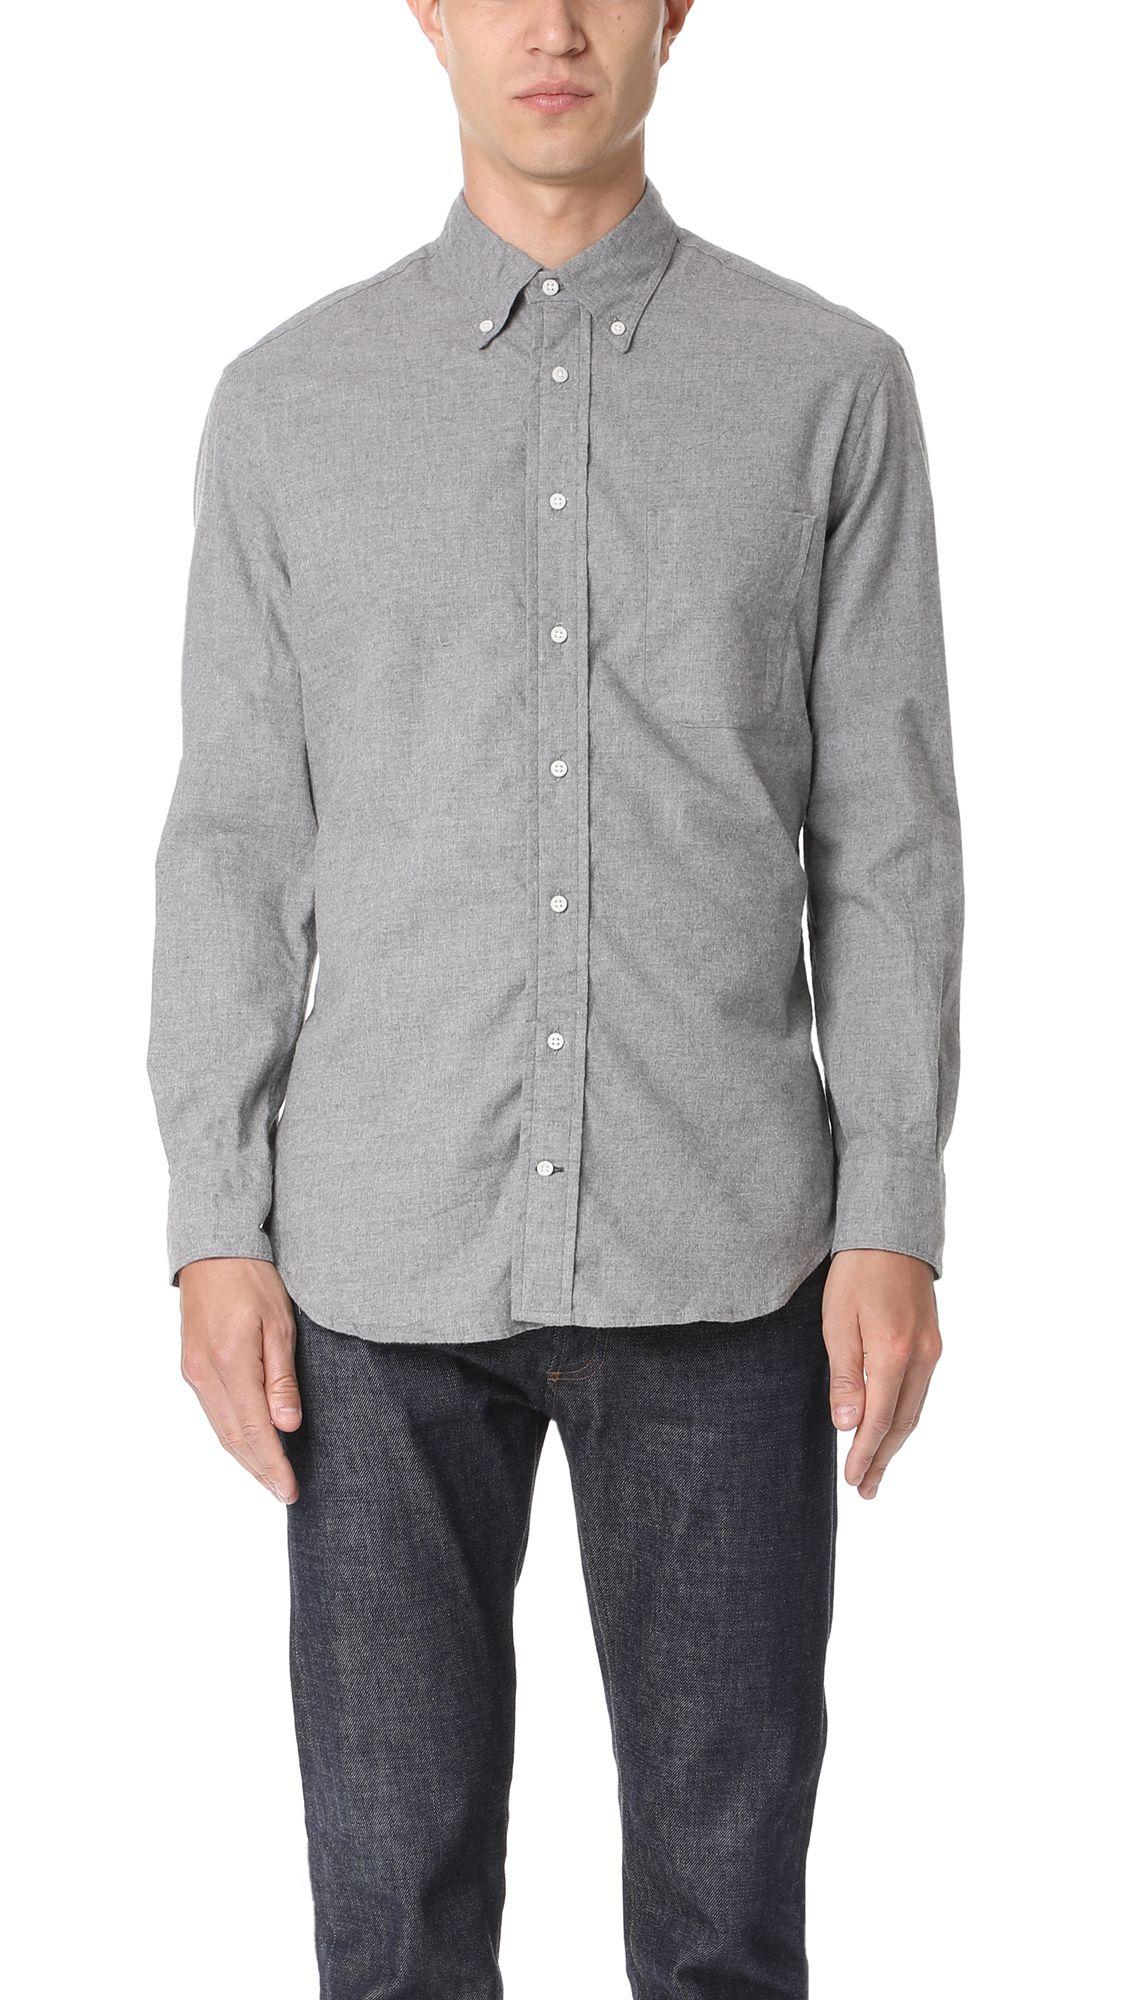 Flannel shirt vintage  GITMAN VINTAGE Long Sleeve Flannel Shirt gitmanvintage cloth